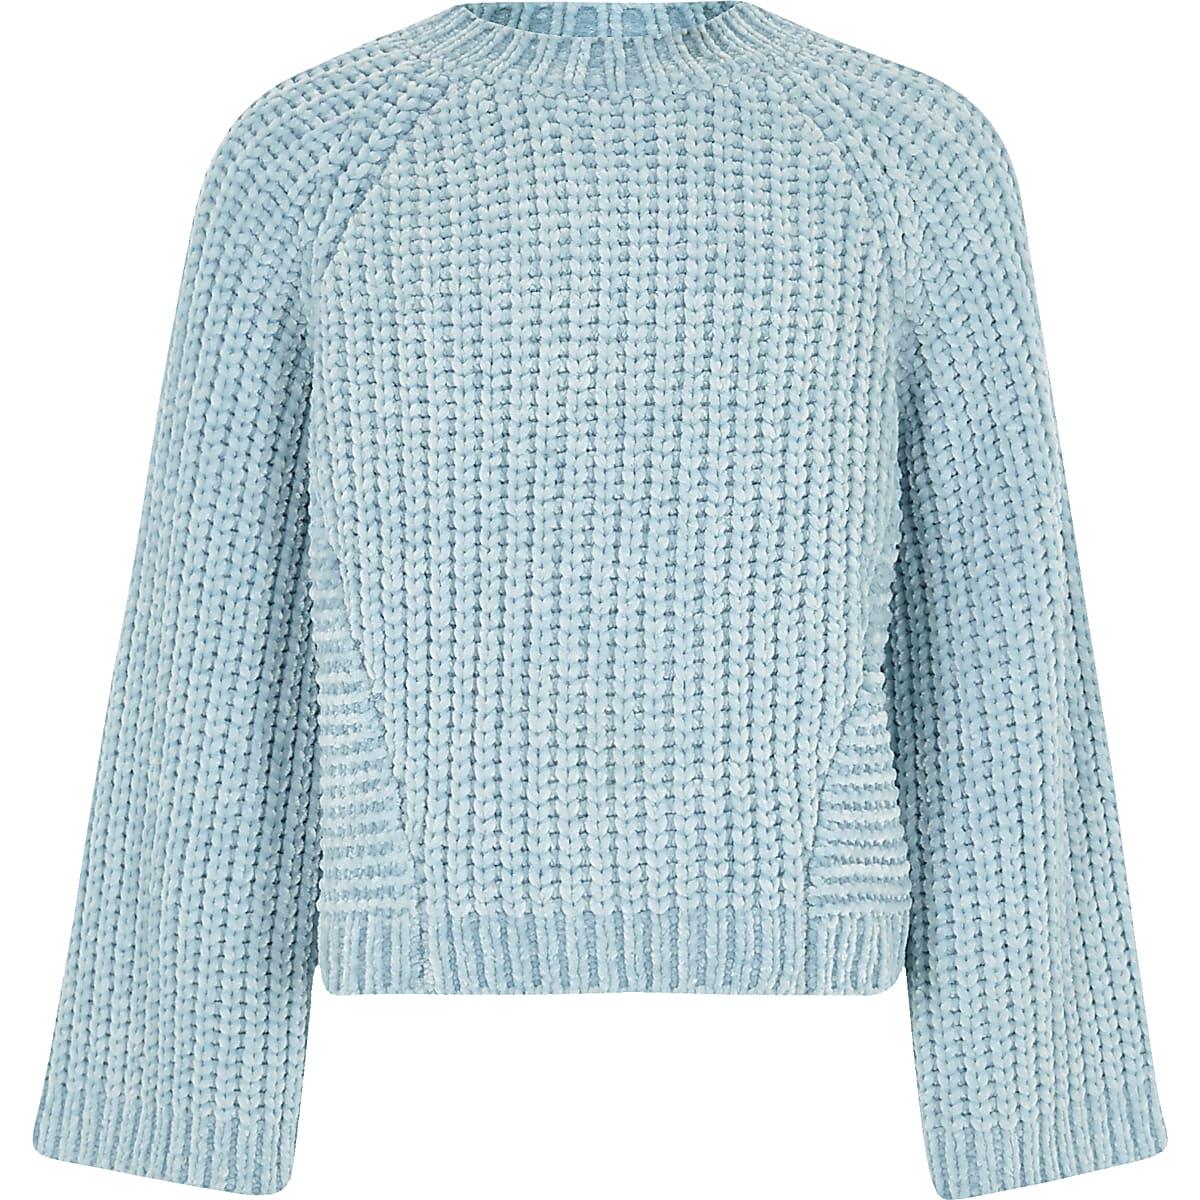 Witte Gehaakte Trui.Blauwe Gebreide Chenille Trui Voor Meisjes Vesten Pullovers